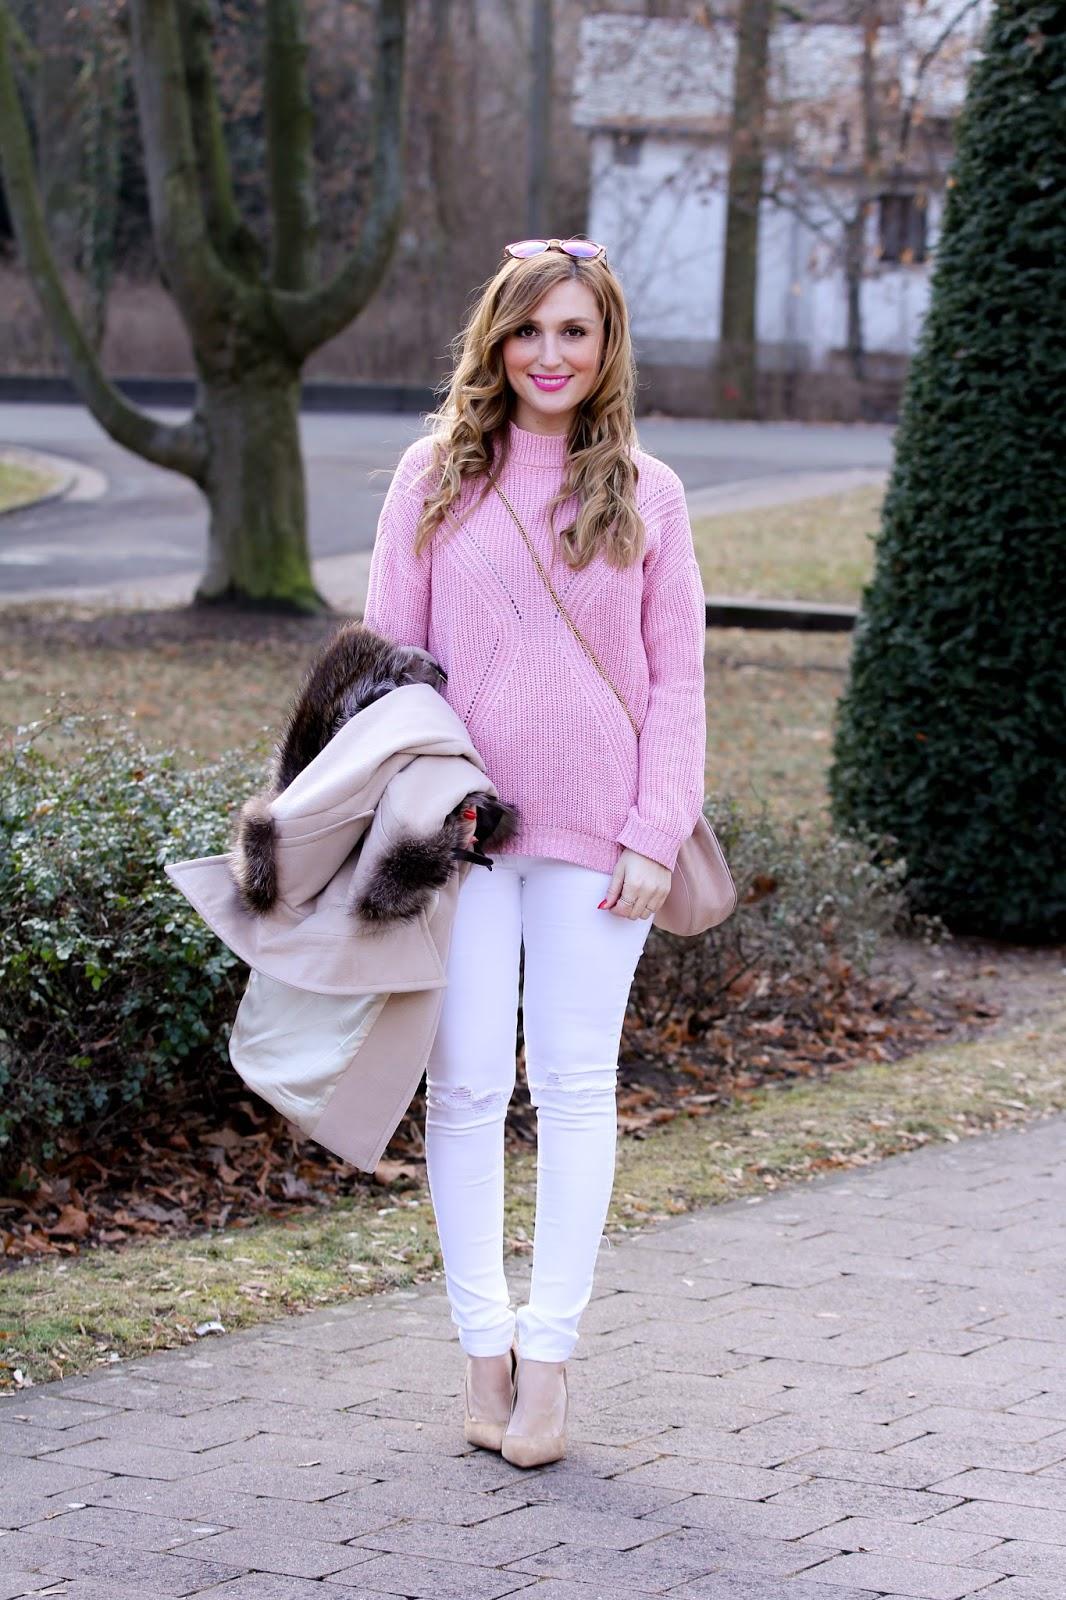 Blogger-aus-münchen-münchen-fashionblogger-fashionstylebyjohanna - blogger-aus-frankfurt